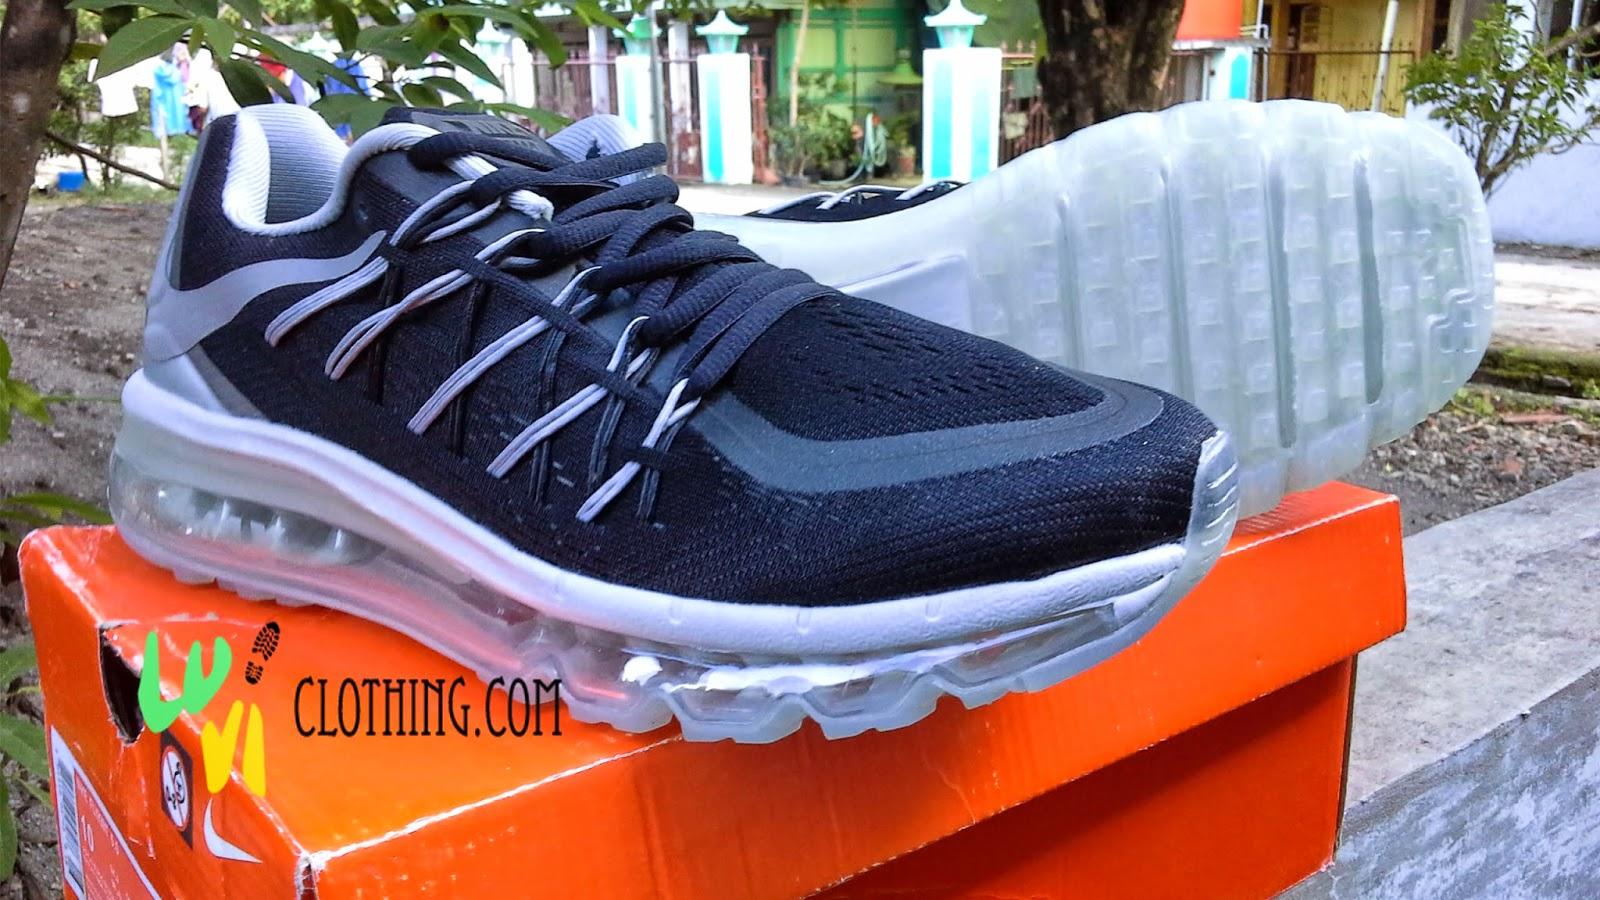 timeless design 36ee3 d6ebc greece harga sepatu nike air max 2014 hitam a1102 4cb6d